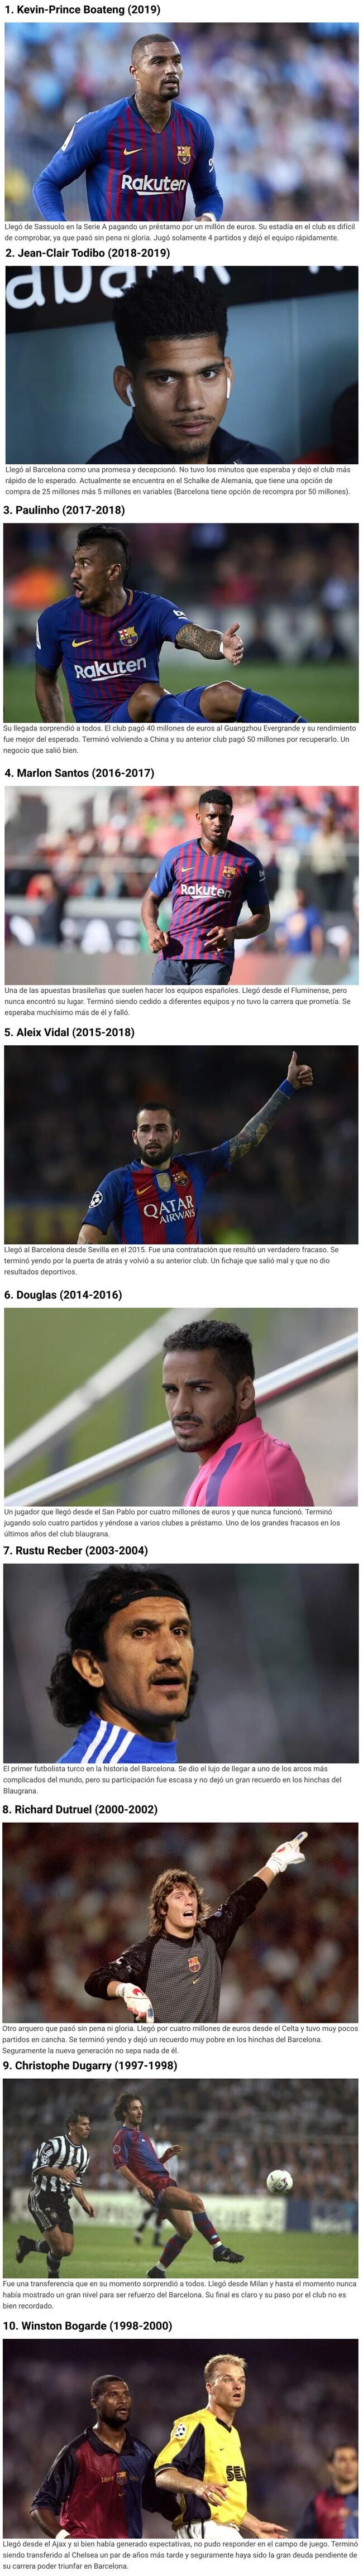 1098907 - Los 10 fichajes más extraños del Barcelona en los últimos años